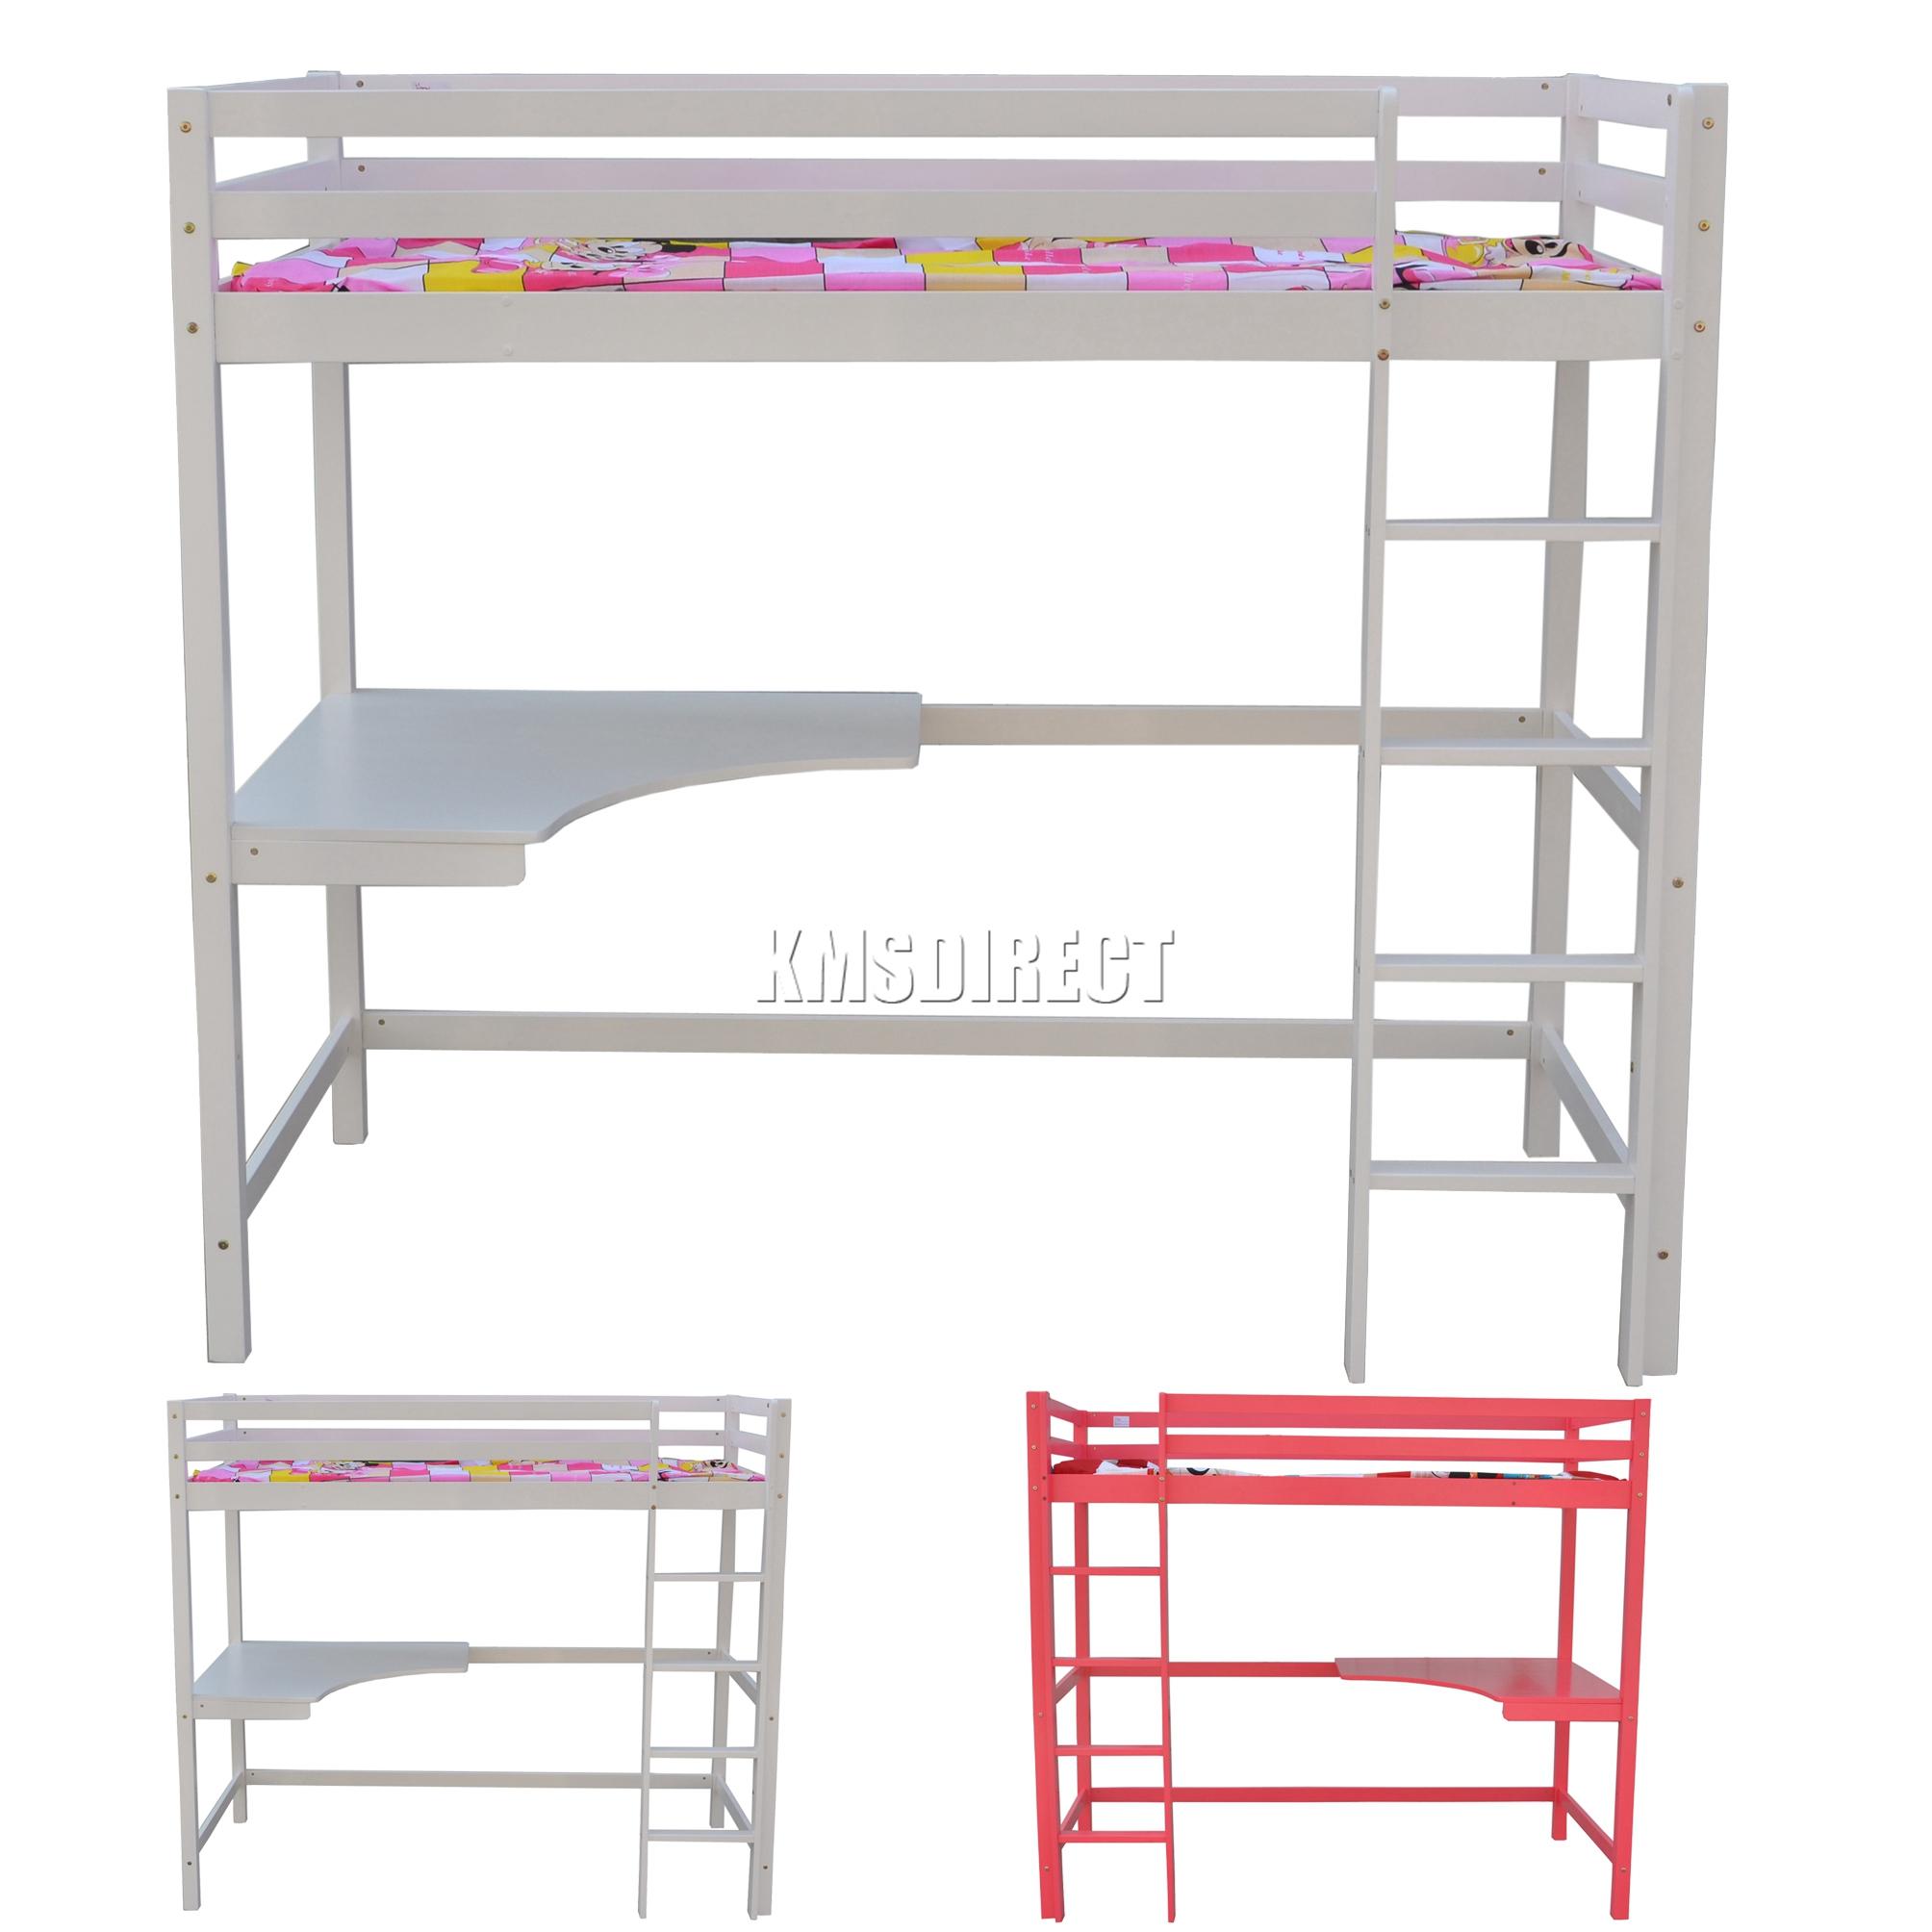 Foxhunter haut lit cabine cadre en bois lit superpos mezzanine avec bureau - Lit mezzanine pas trop haut ...